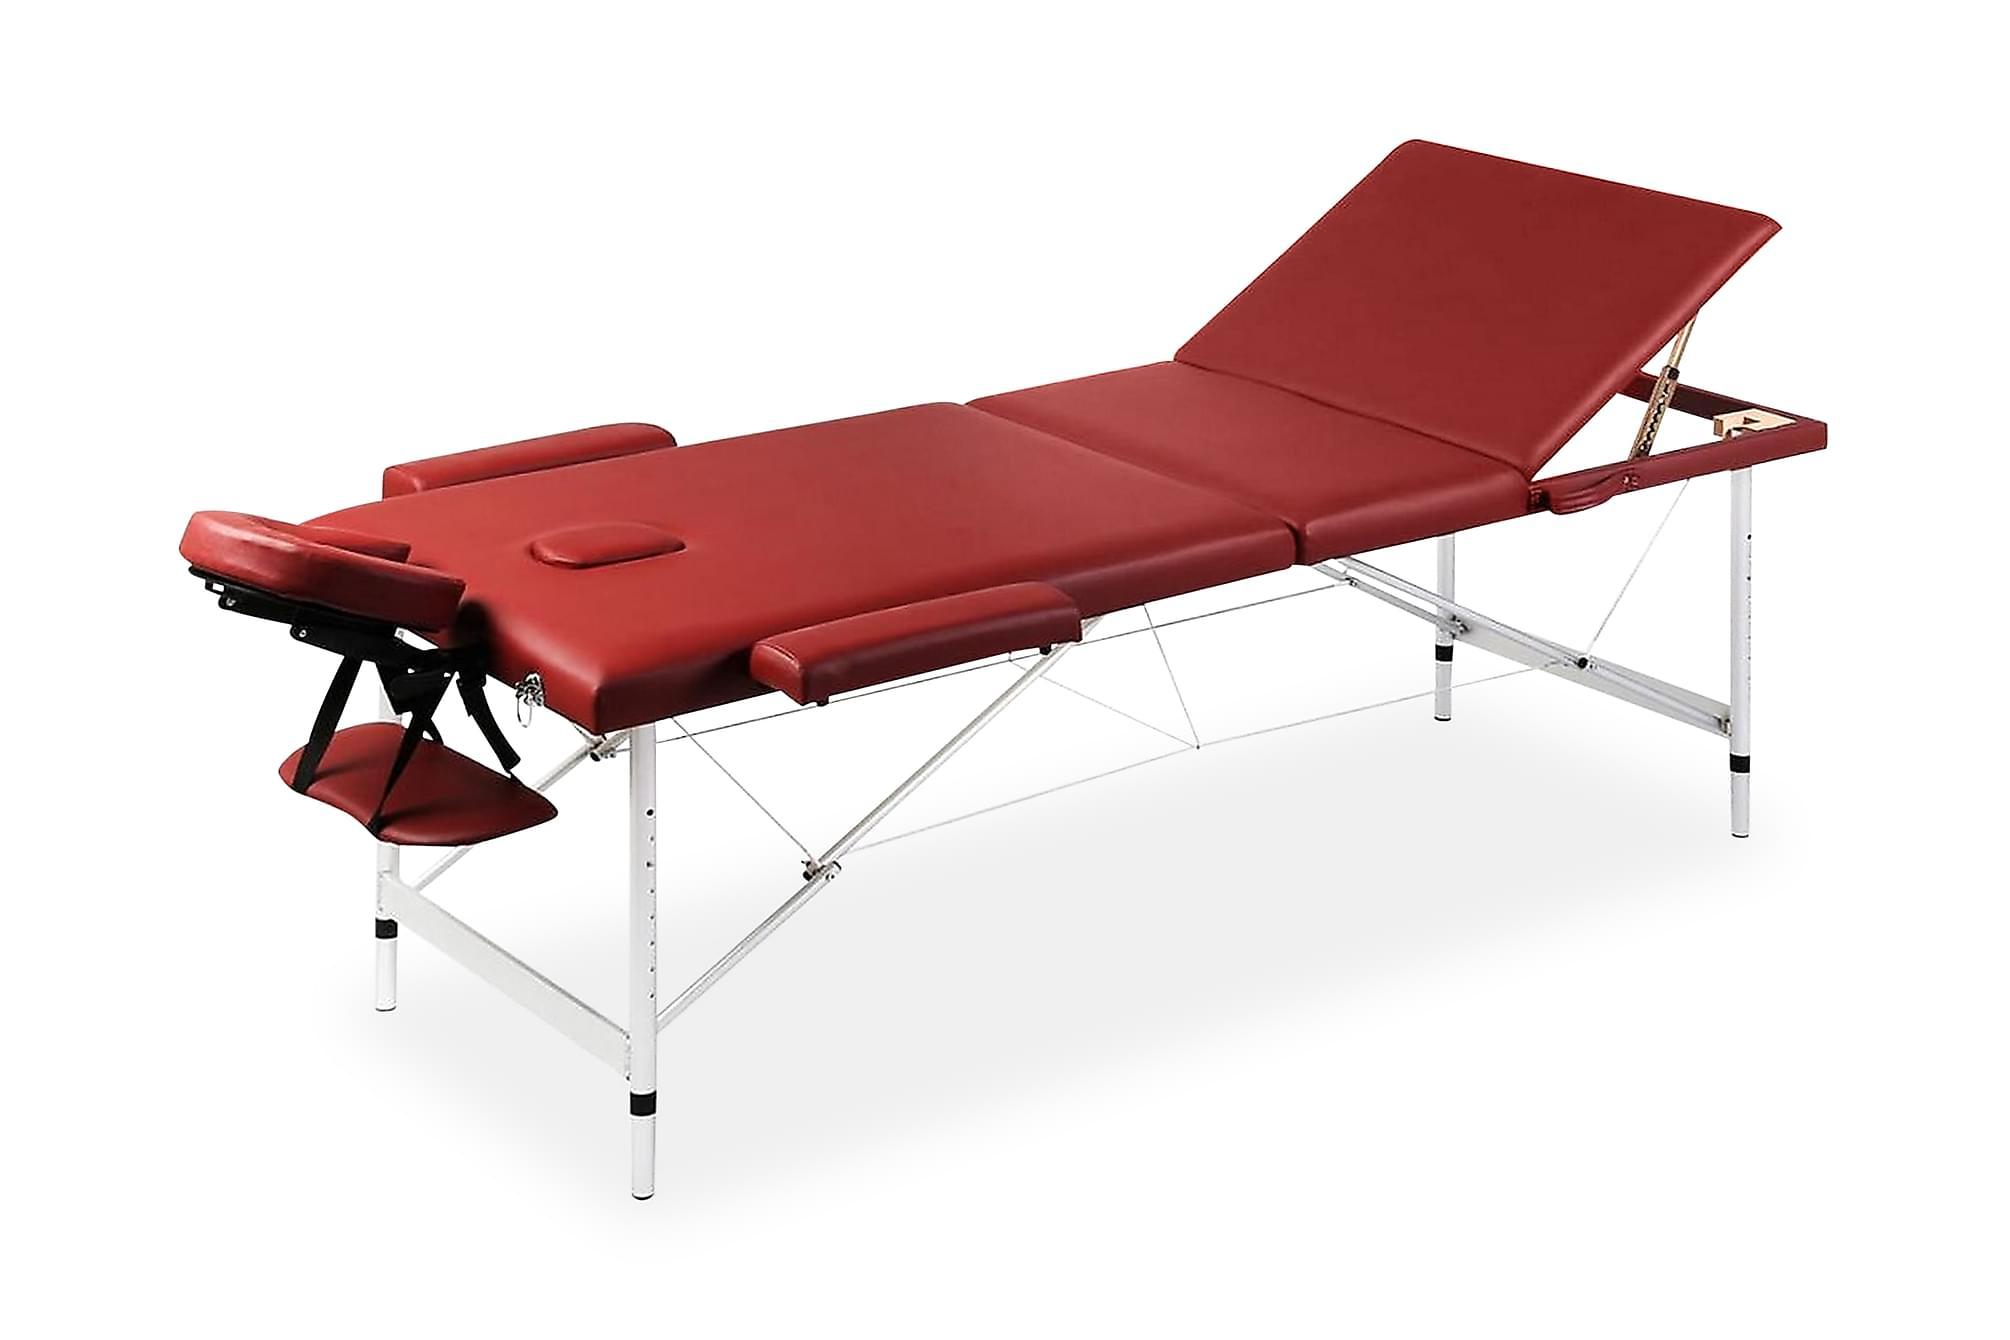 Röd hopfällbar 3-sektions massagebänk med aluminium ram